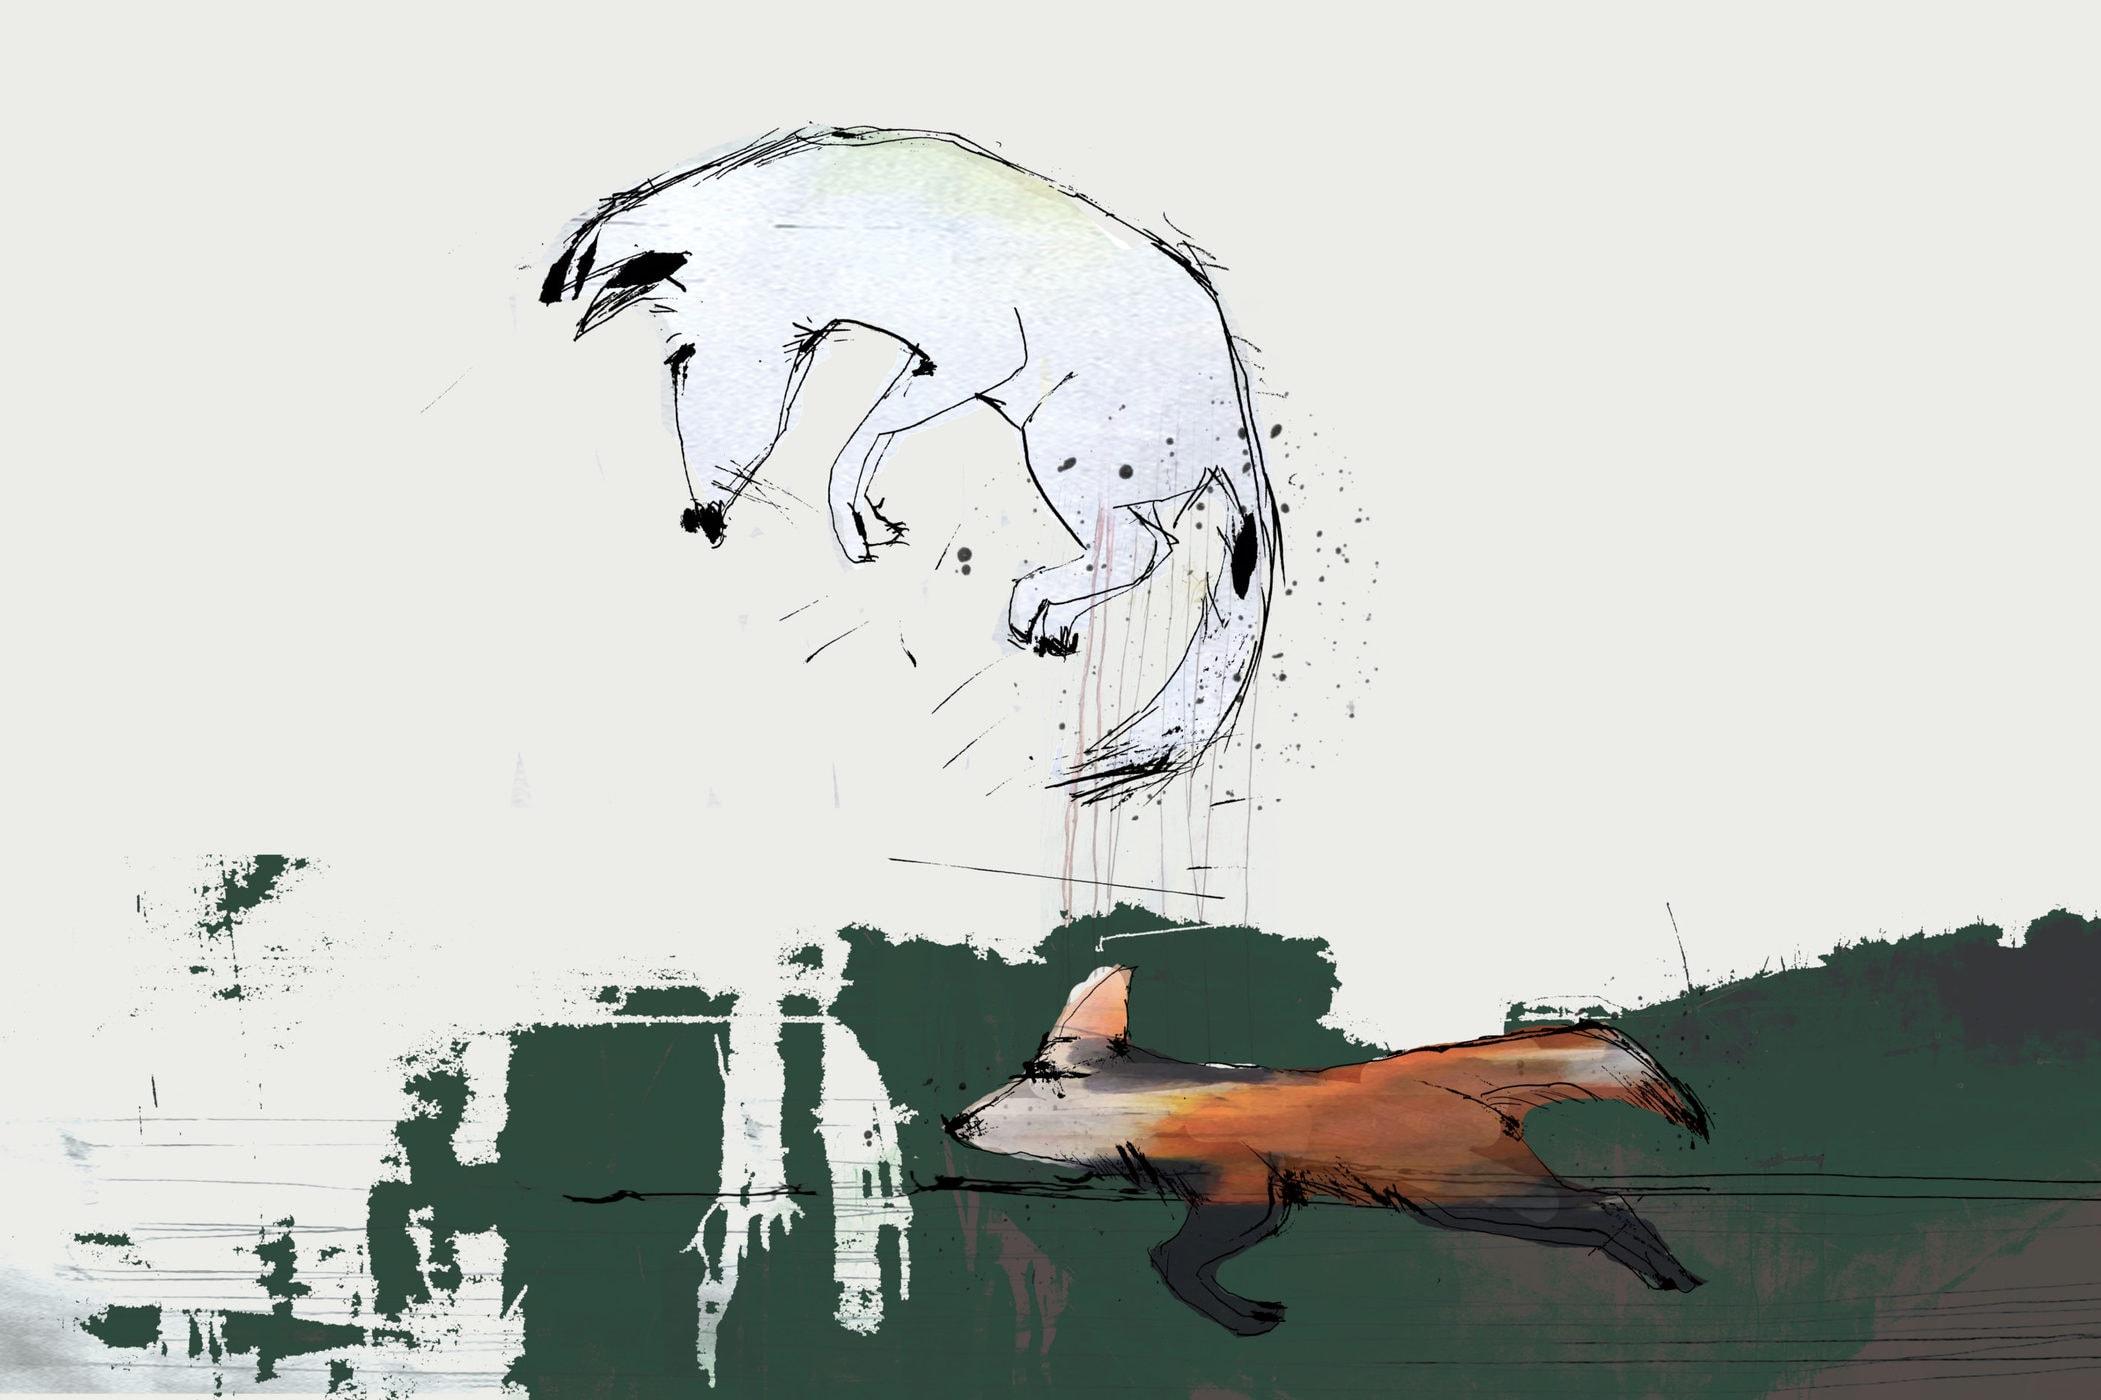 Ræveskindet. Fortælling af Jens Peter Madsen illustreret af Tanja Eijgendaal for Storybox.dk